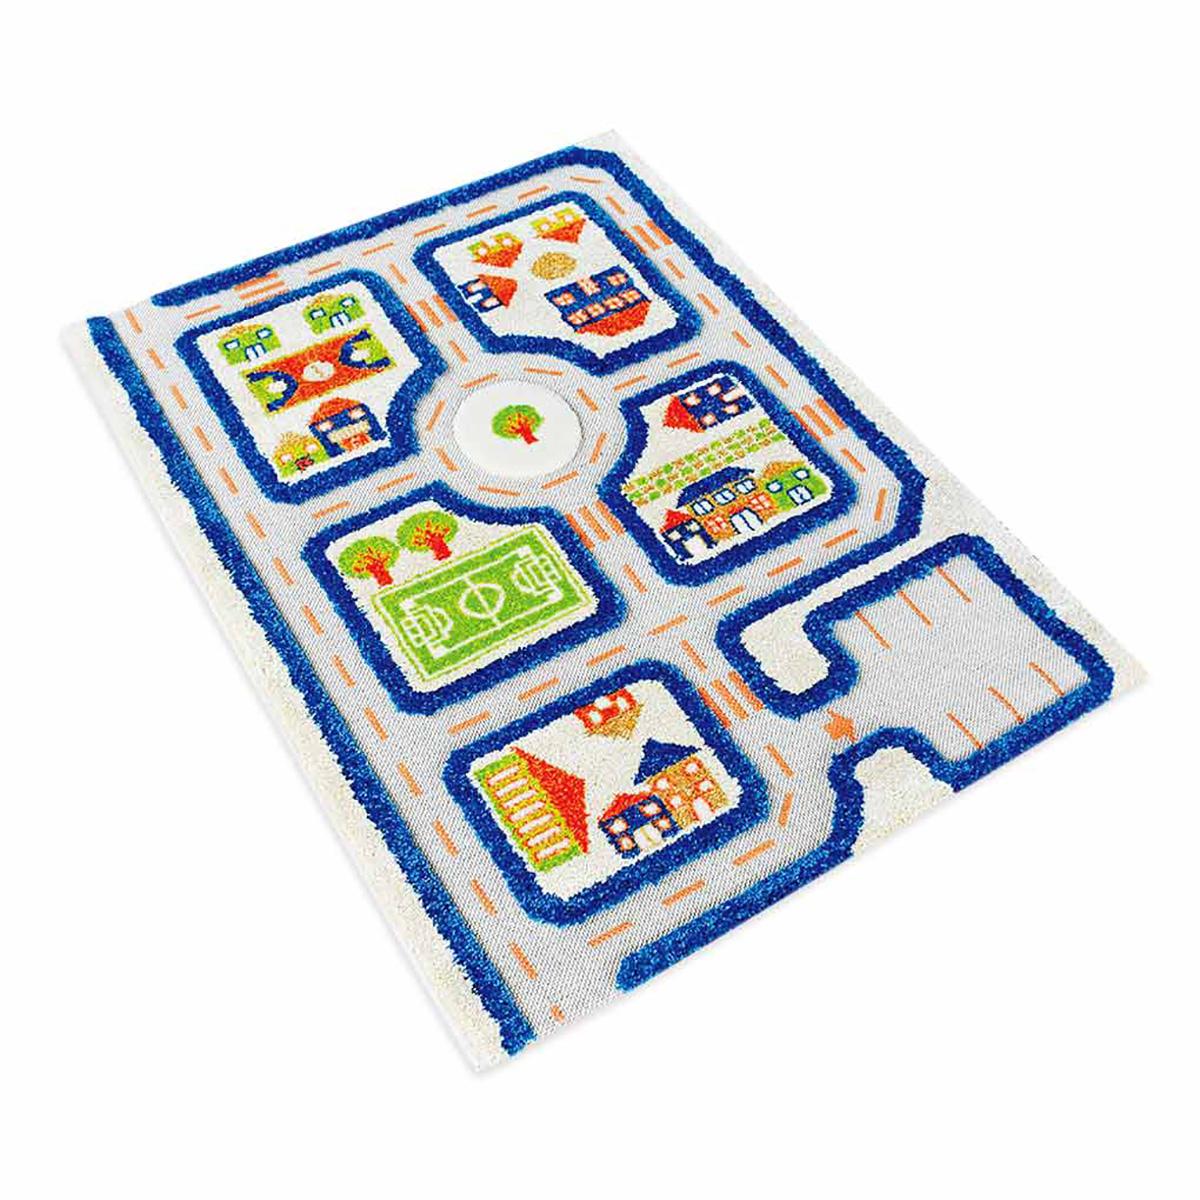 3Dプレイカーペット マイタウン (S)